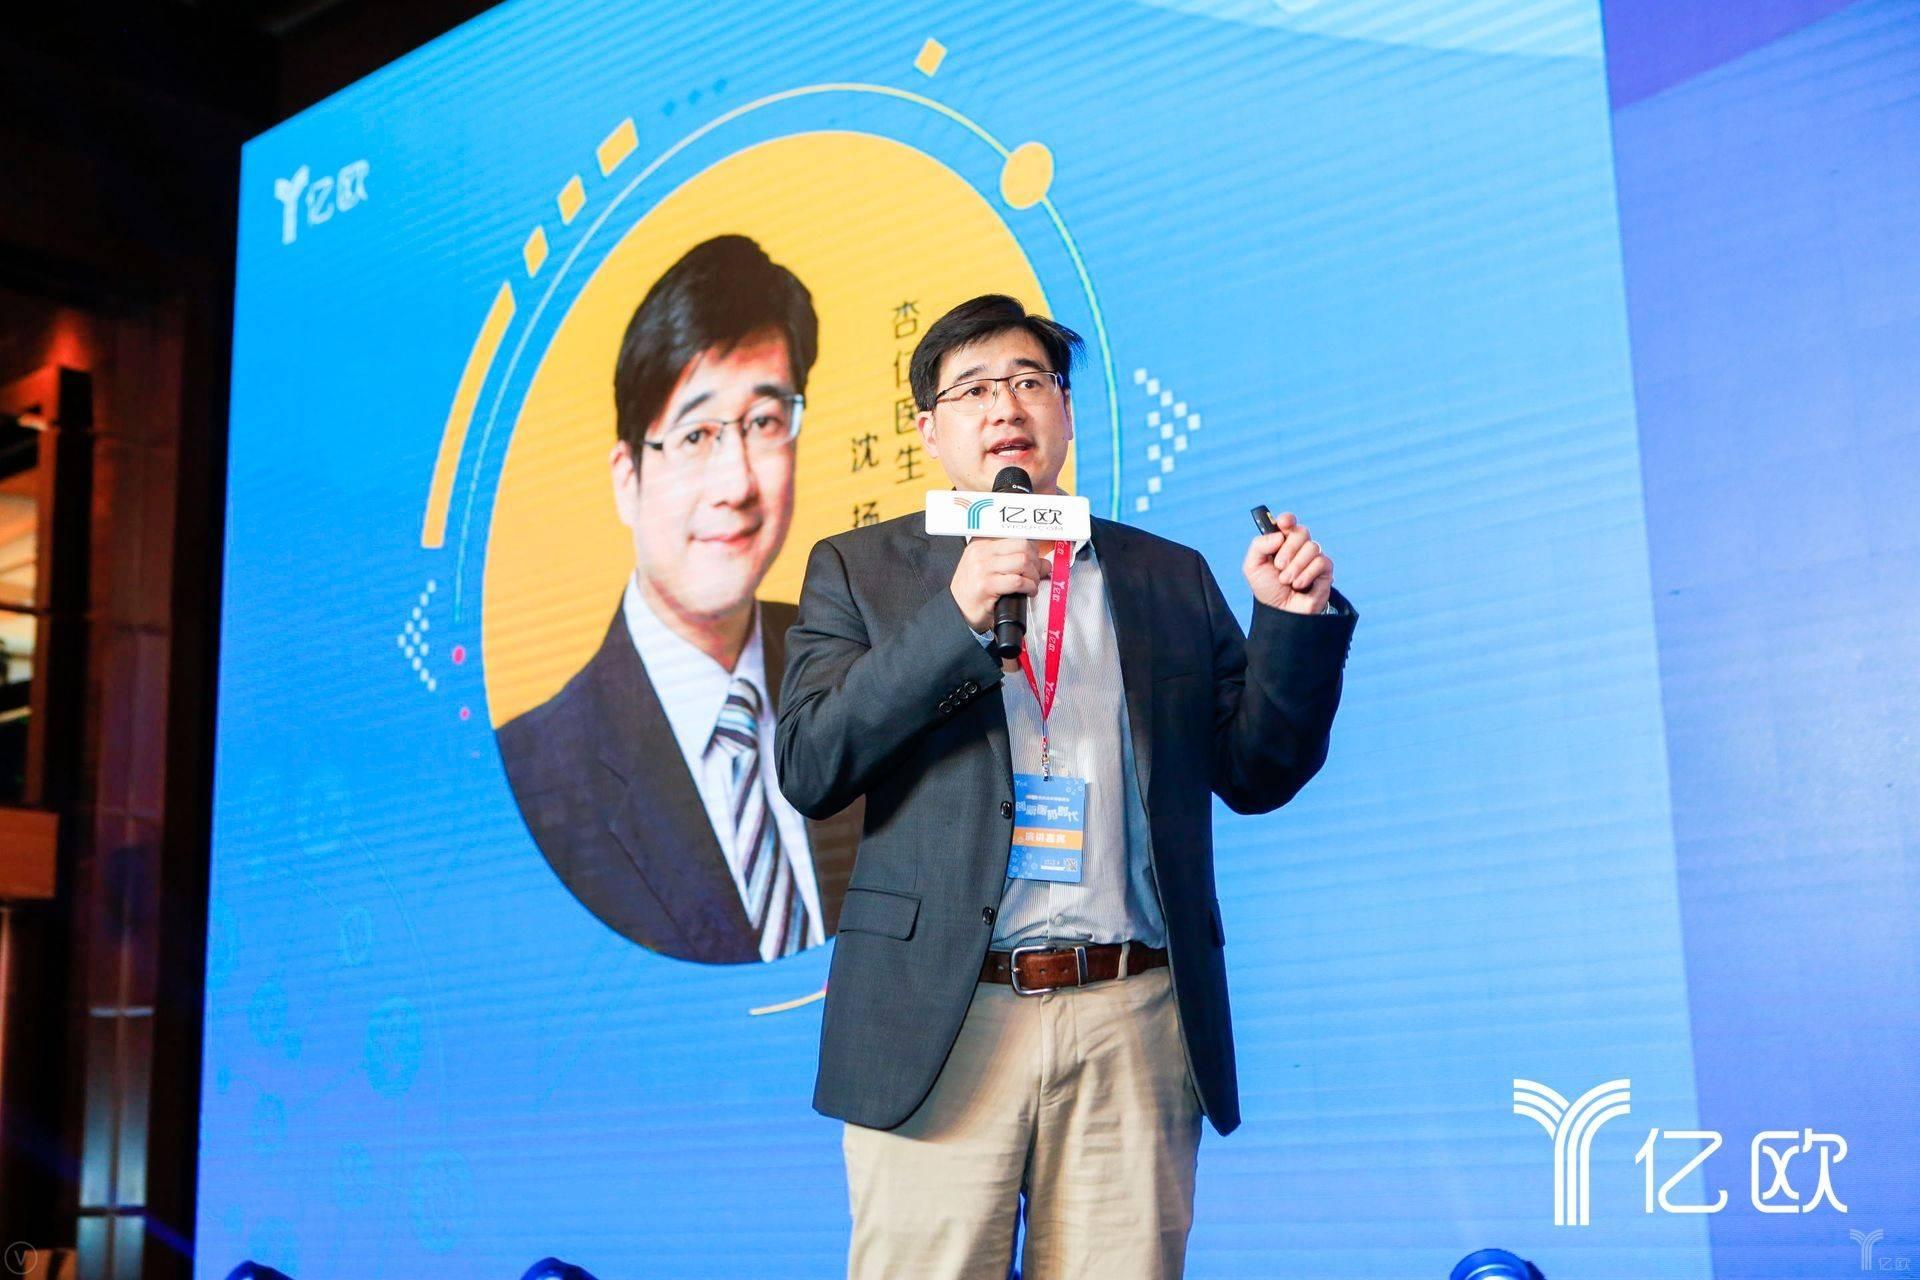 杏仁医生CEO马丁医生:先解决医生的问题,再解决医改的根本问题